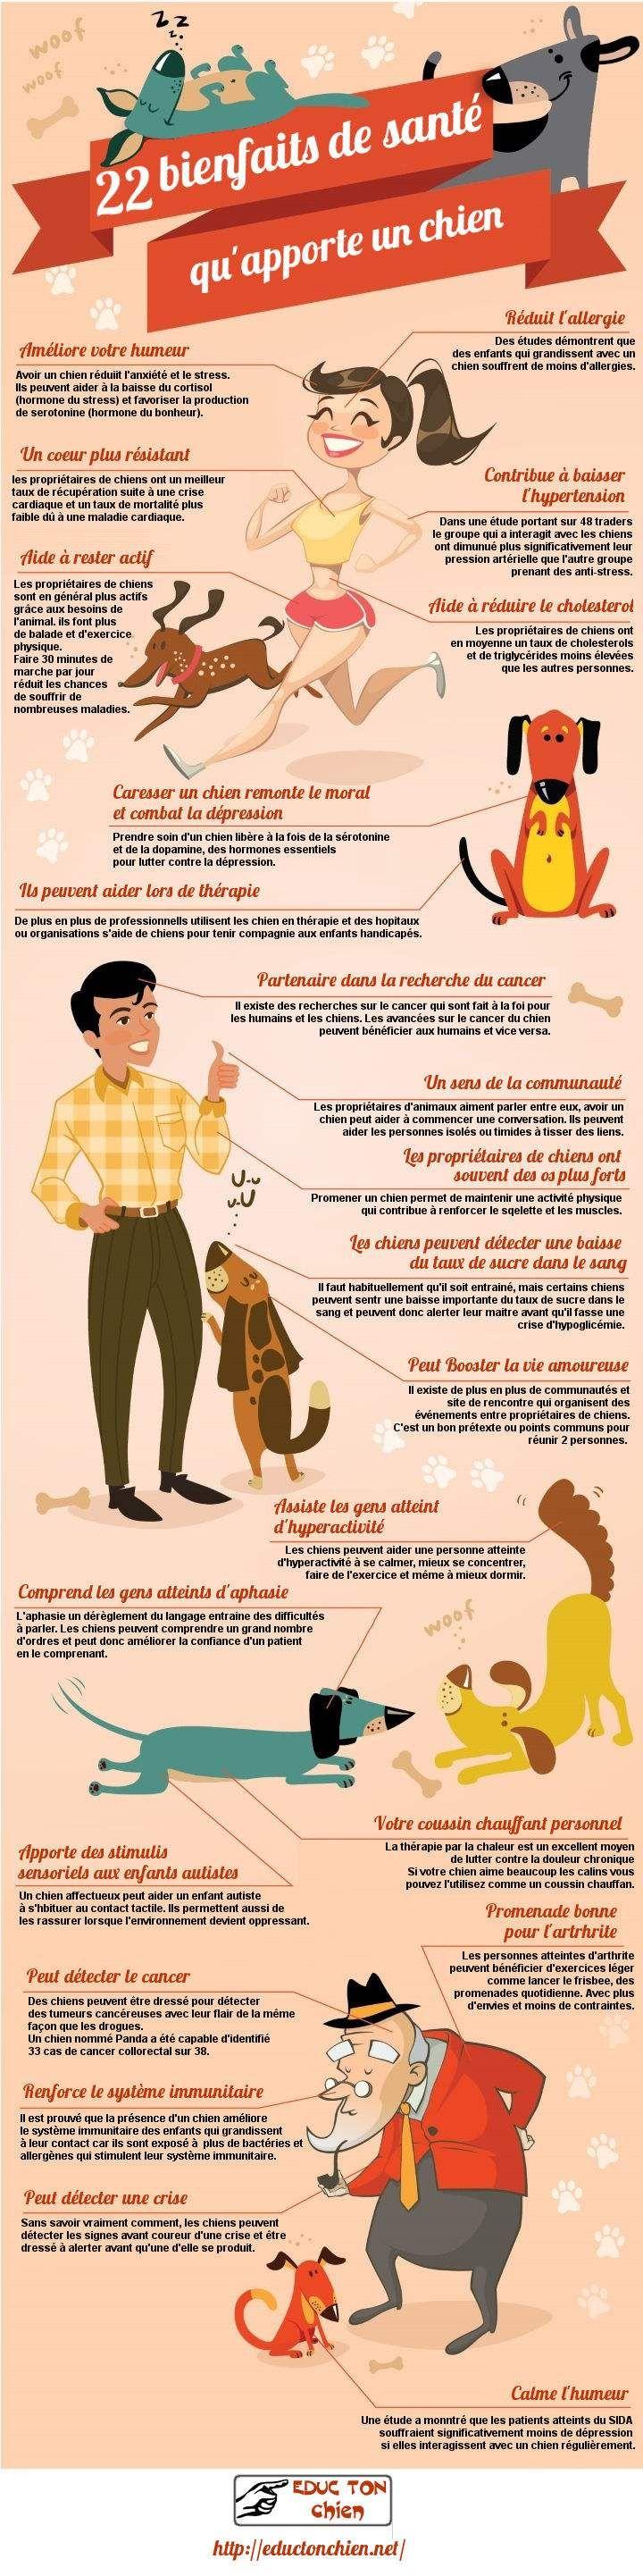 En plus d'être de très bonne compagnie la présence d'un chien au quotidien est très bénéfique pour la santé, découvrez pourquoi avec cette infographie.